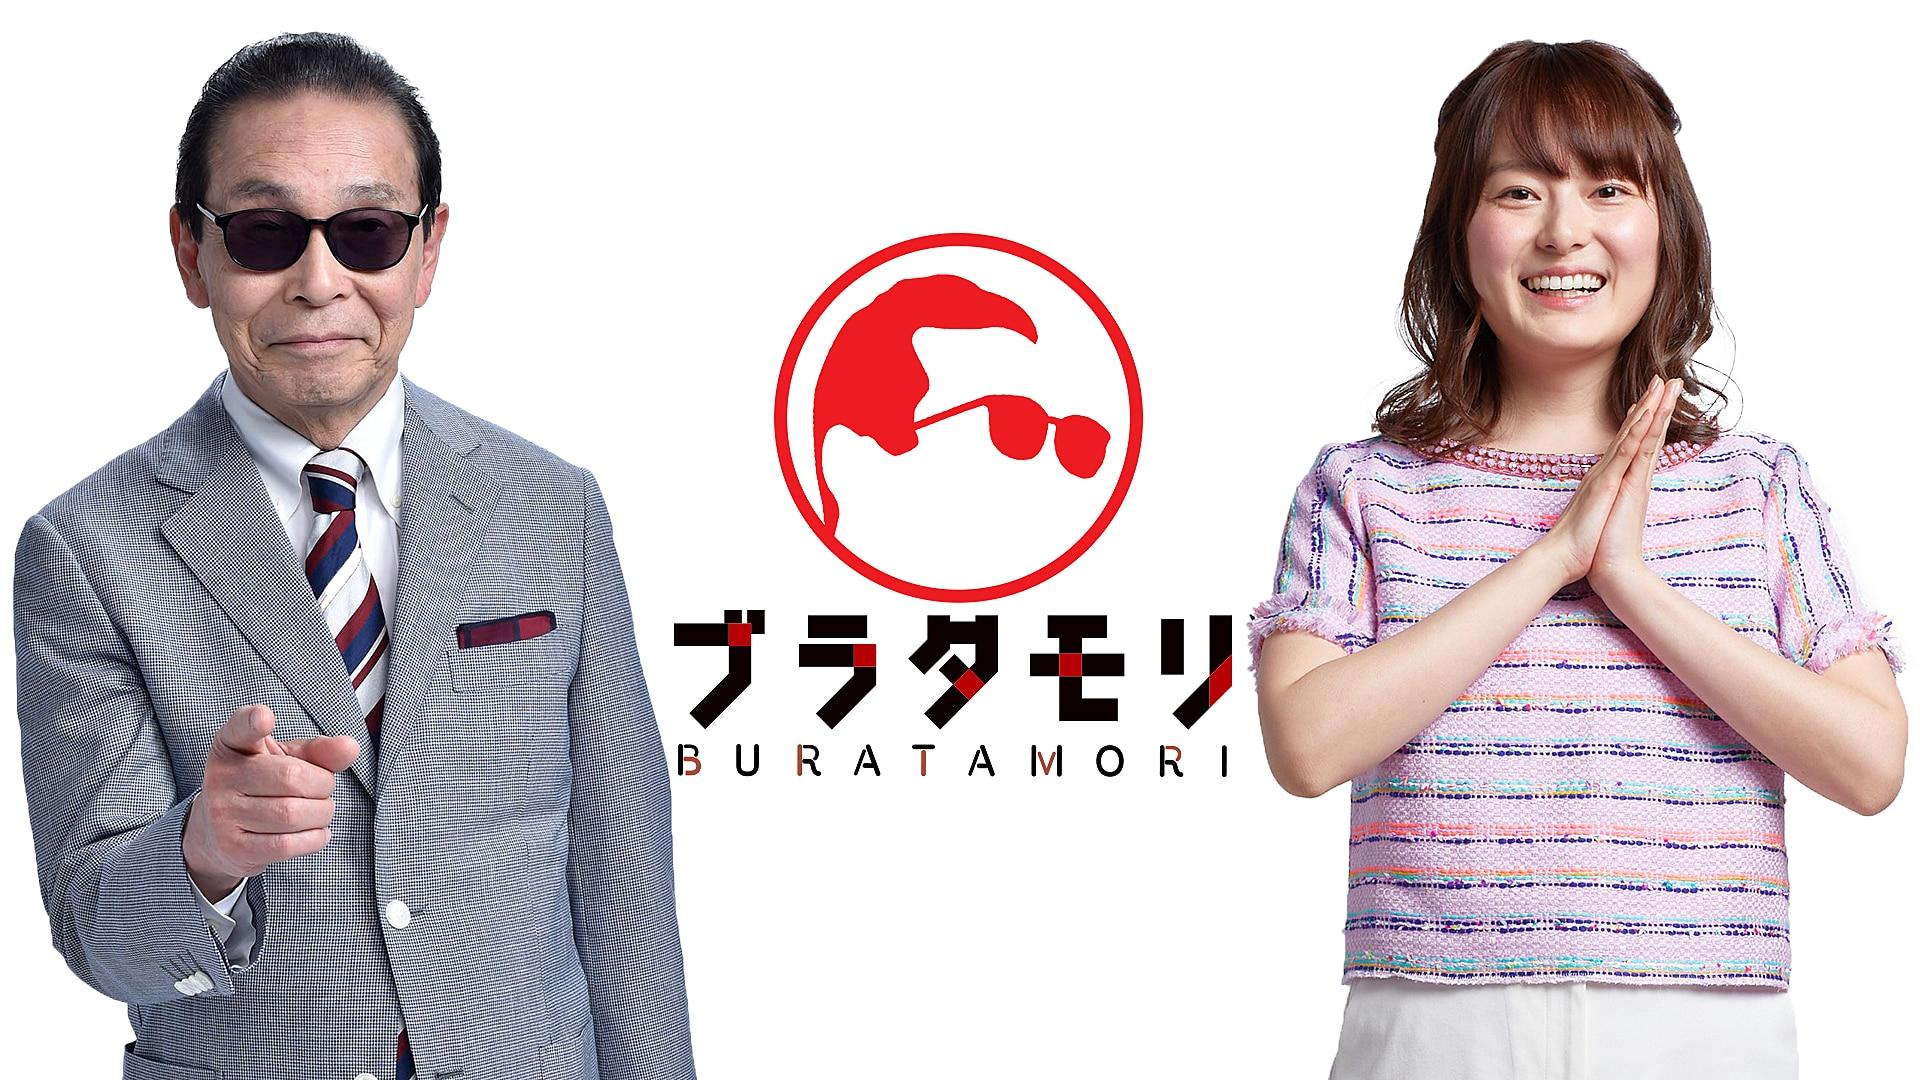 NHK ブラタモリ